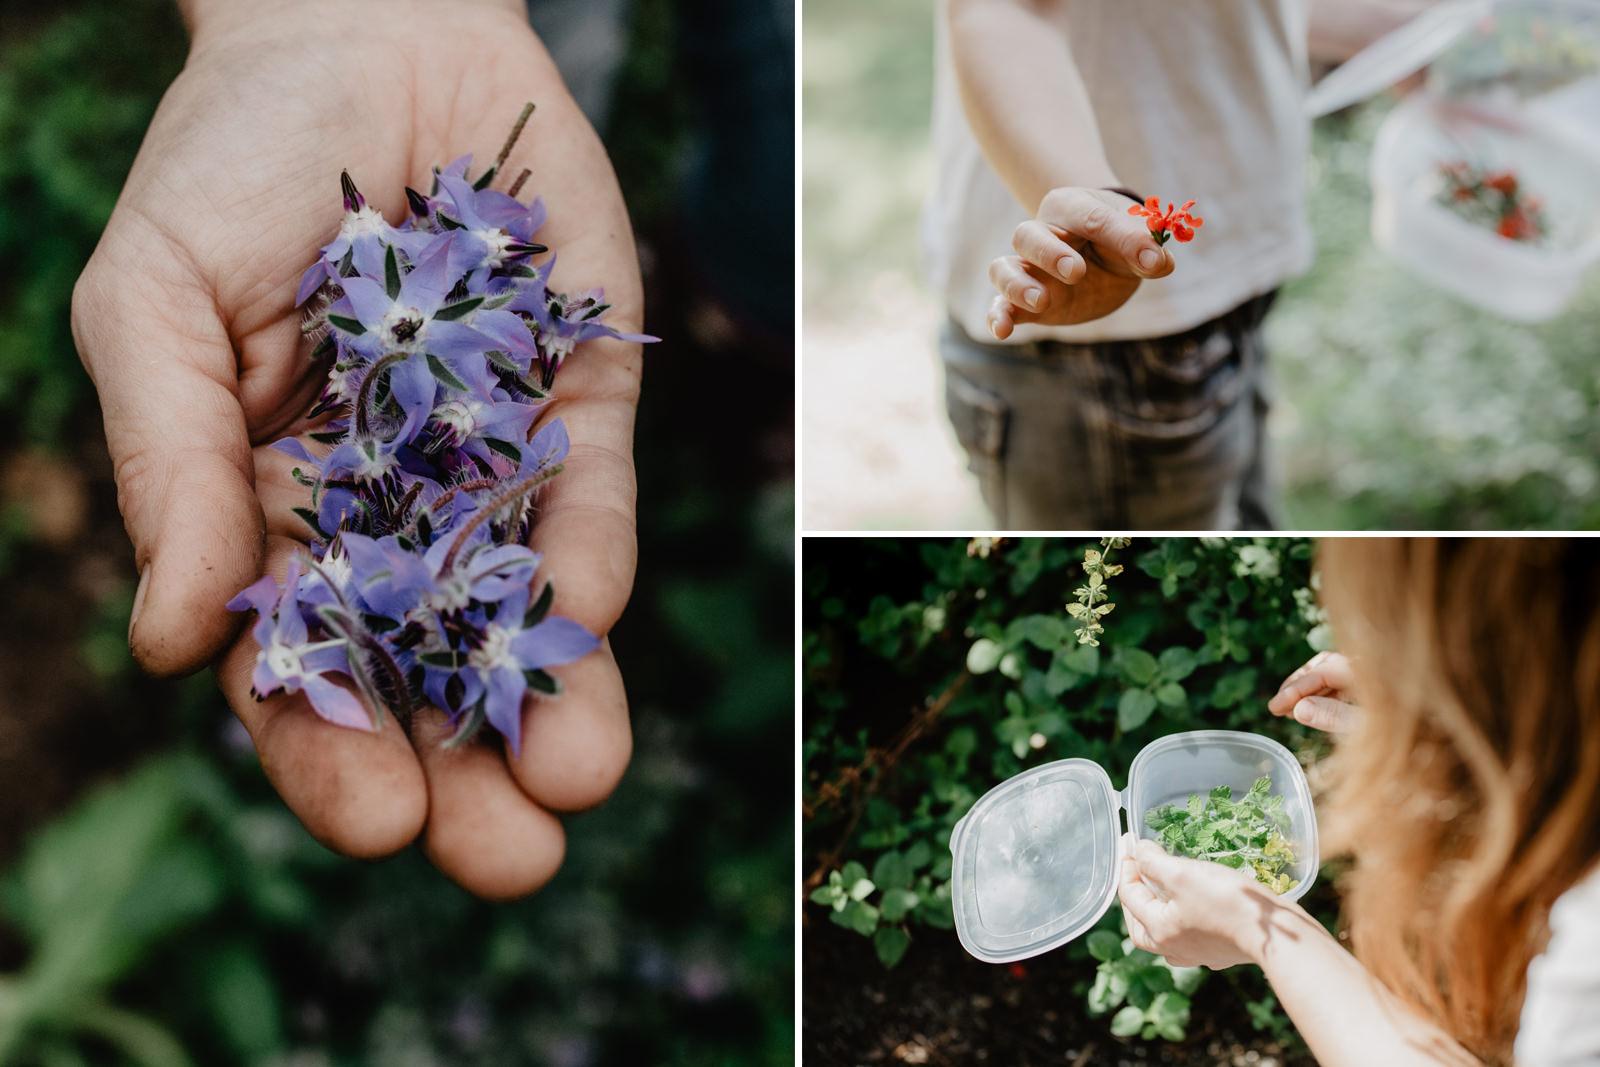 Lucía elige uno a uno las hierbas y flores que recoge al menos una vez al día en su huerto familiar.